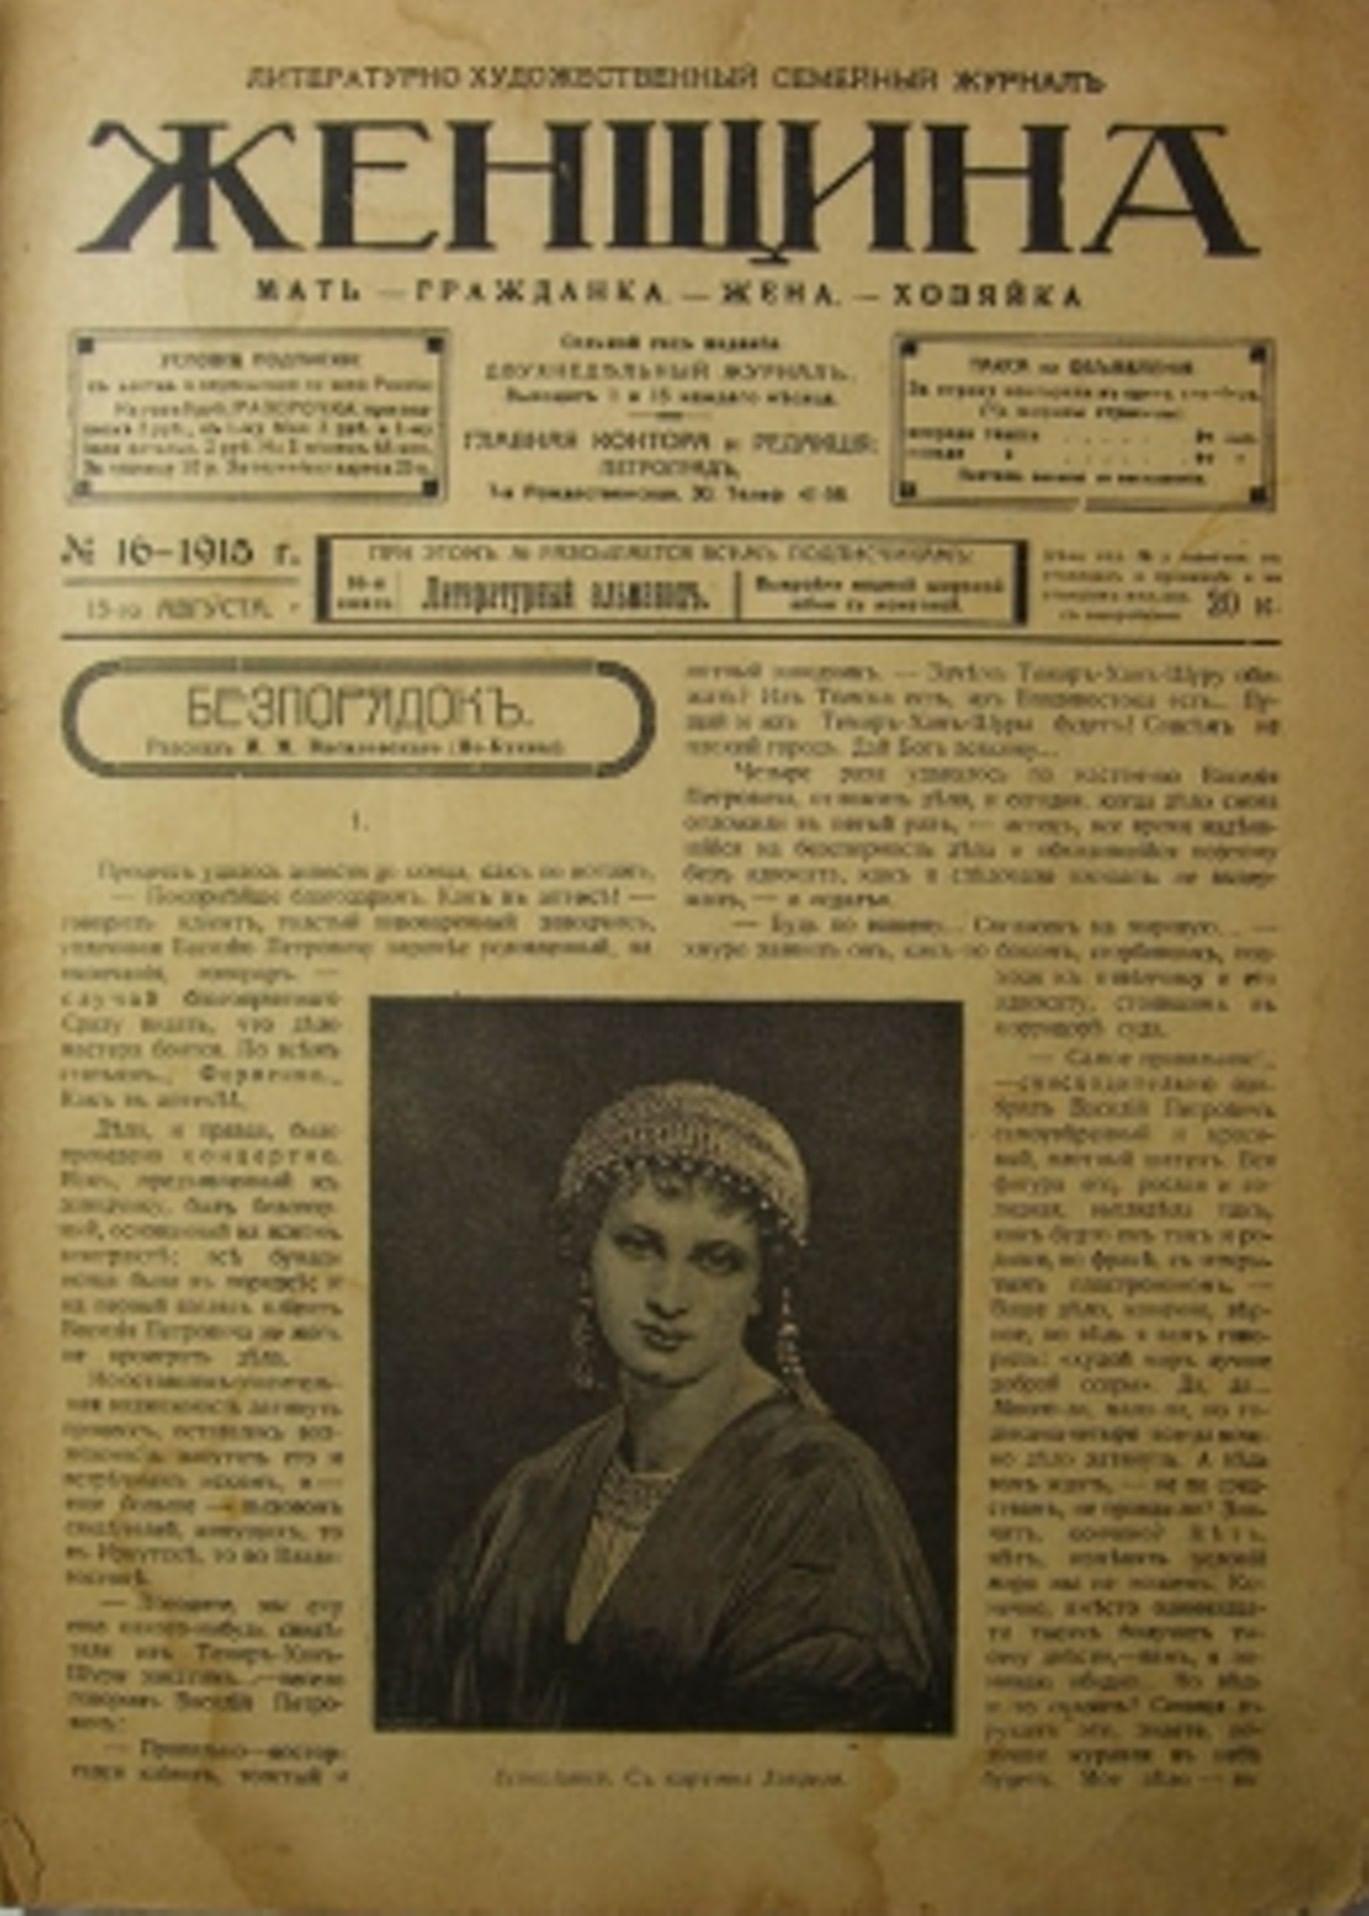 Мечтатель в журнале шаликова-кто